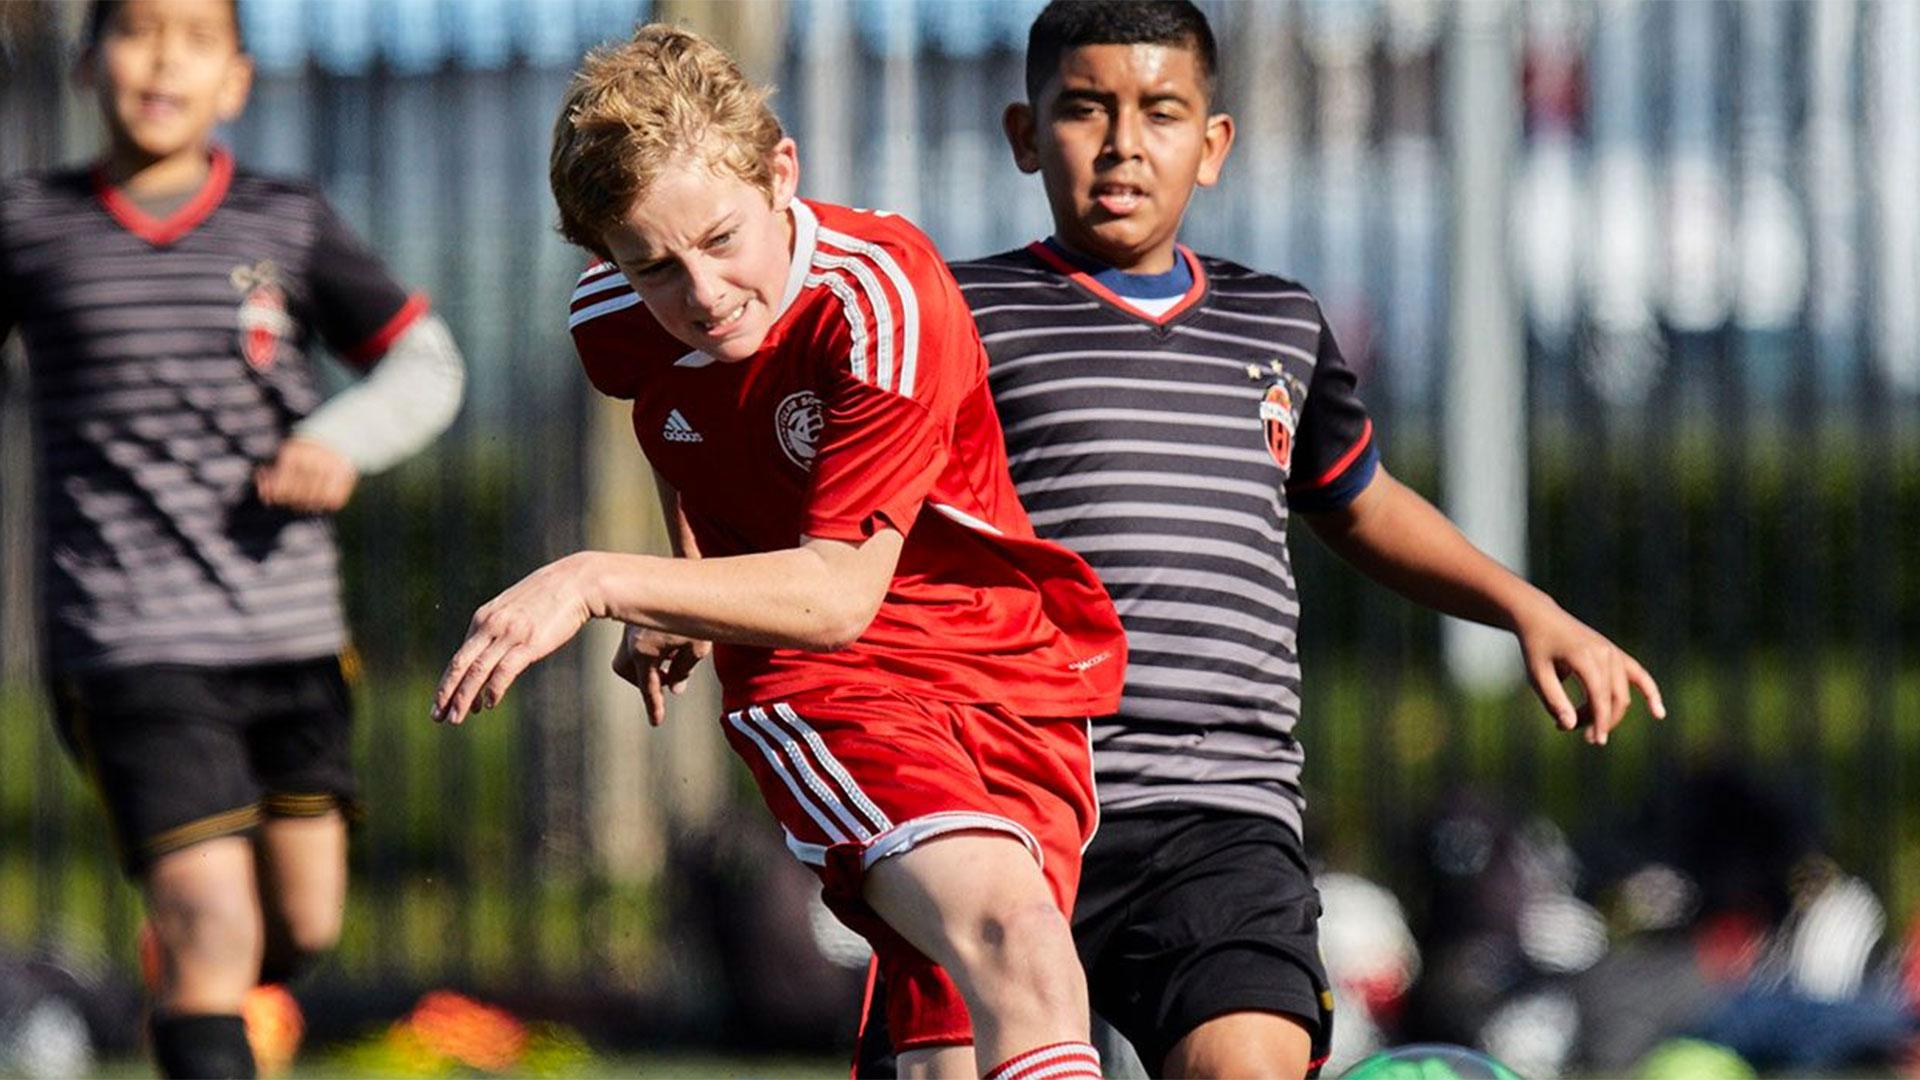 Los niños que practican soccer no suelen mirar fútbol